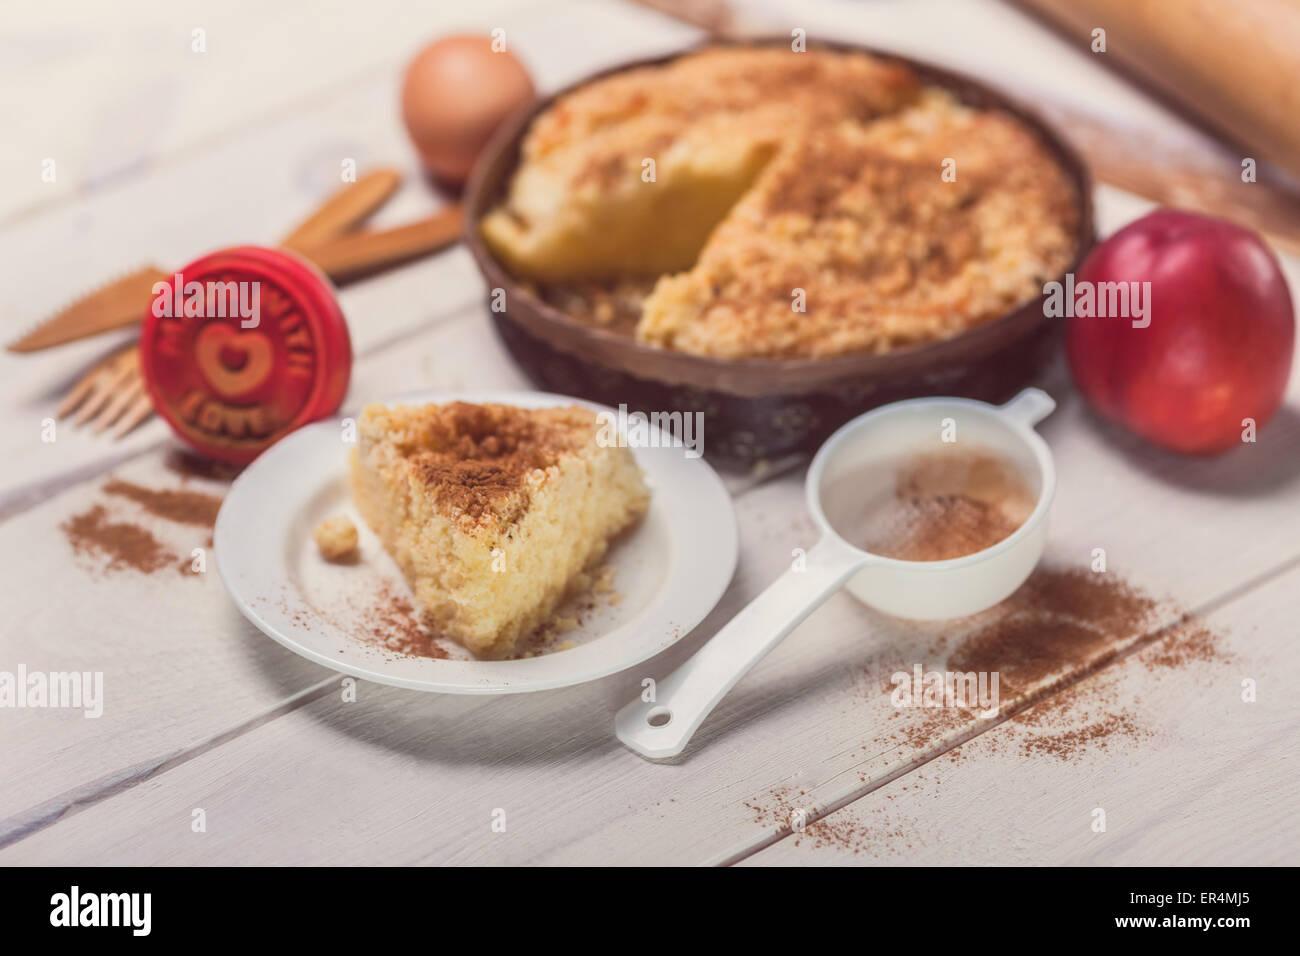 Apple Pie de cannelle sur des planches. Debica, Pologne Photo Stock